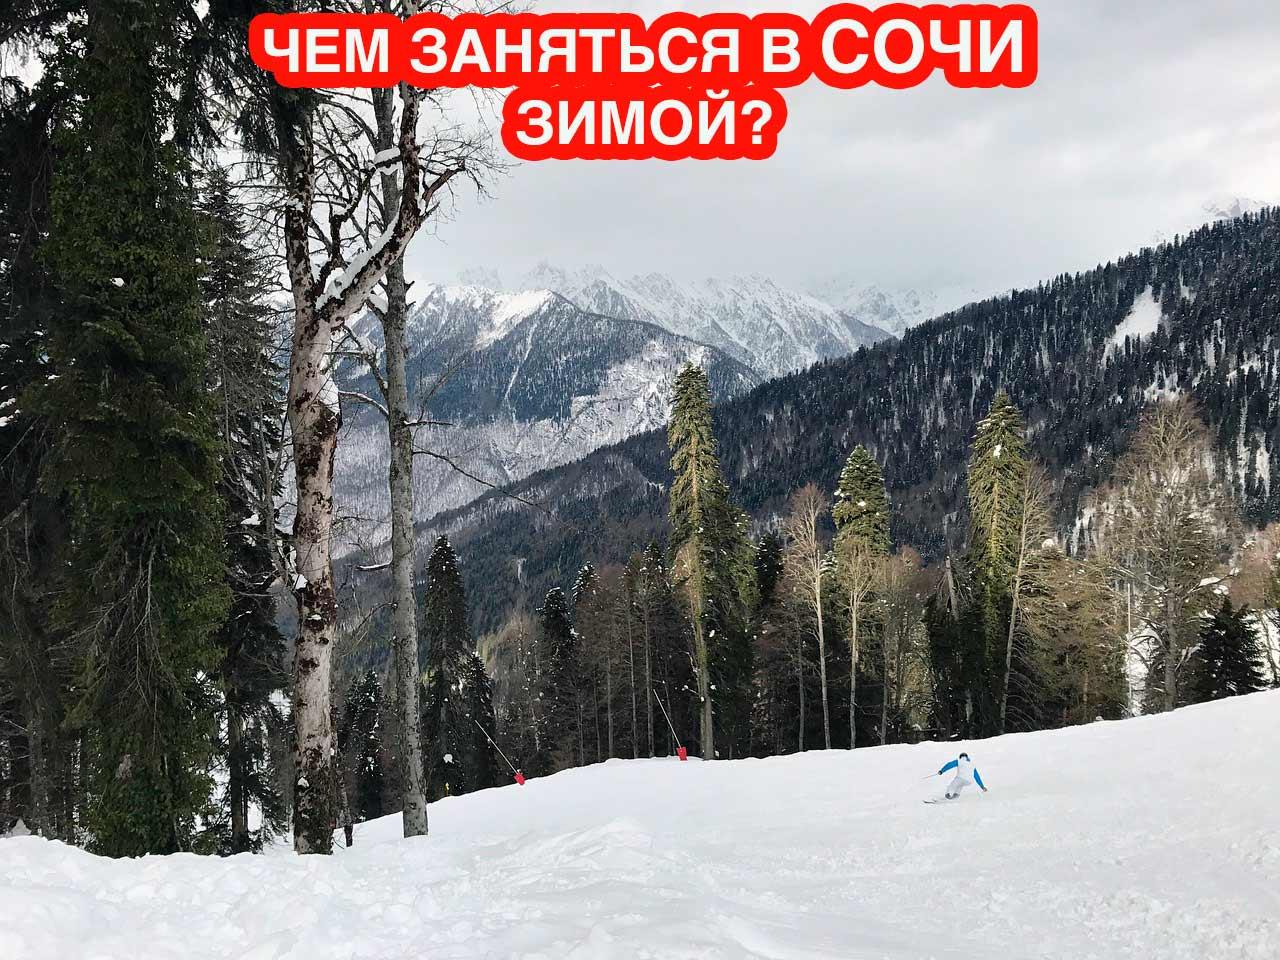 Чем заняться в Сочи зимой?